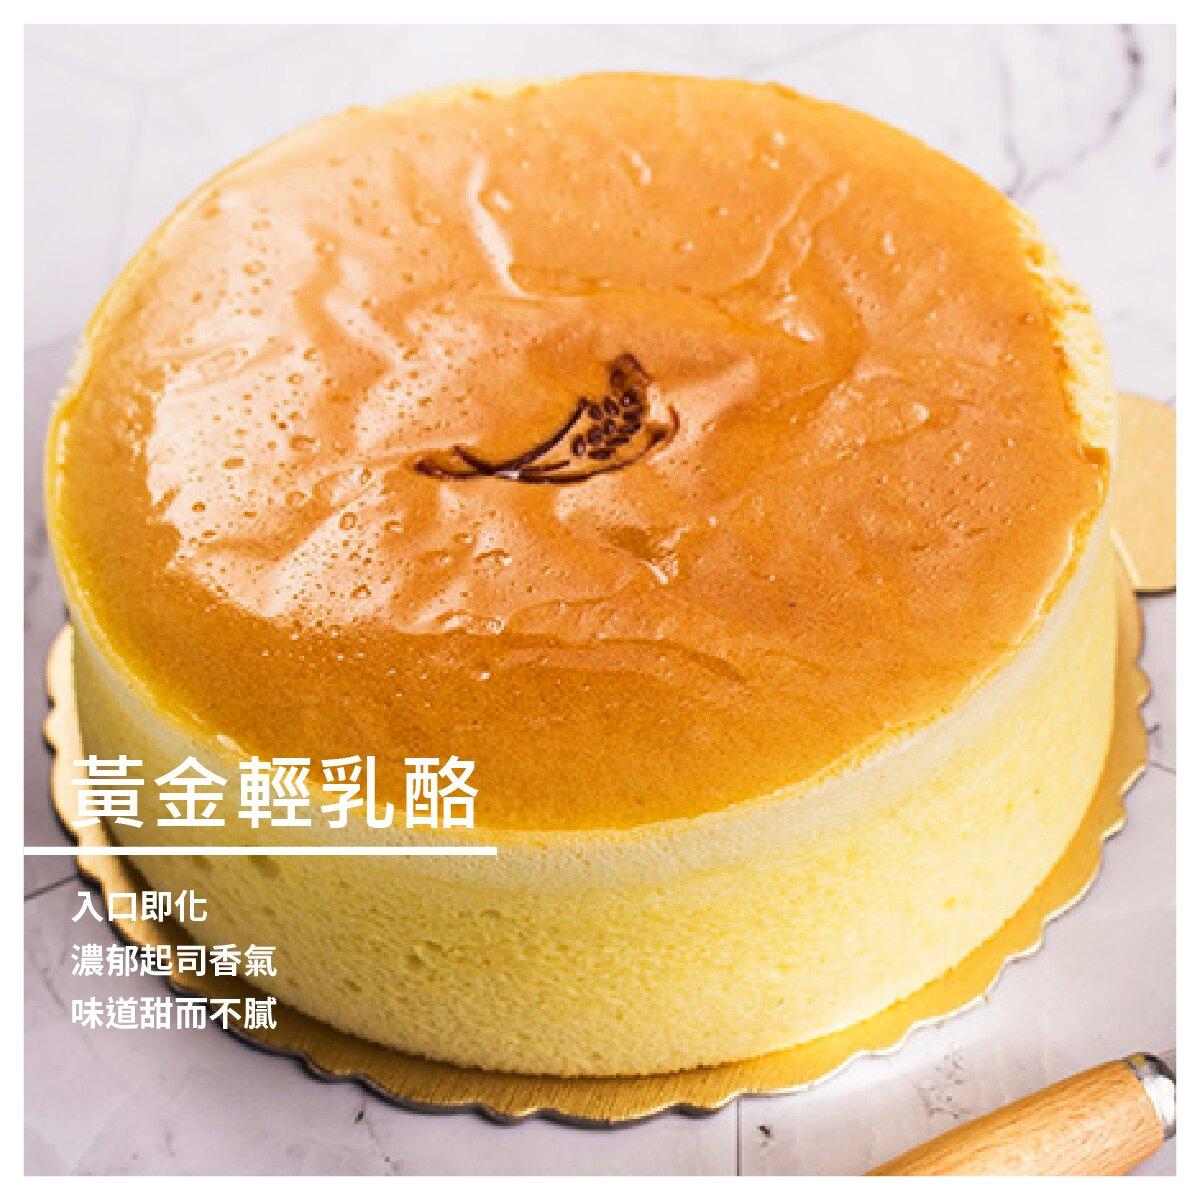 【帕爾堤麵包工房】黃金輕乳酪 1盒